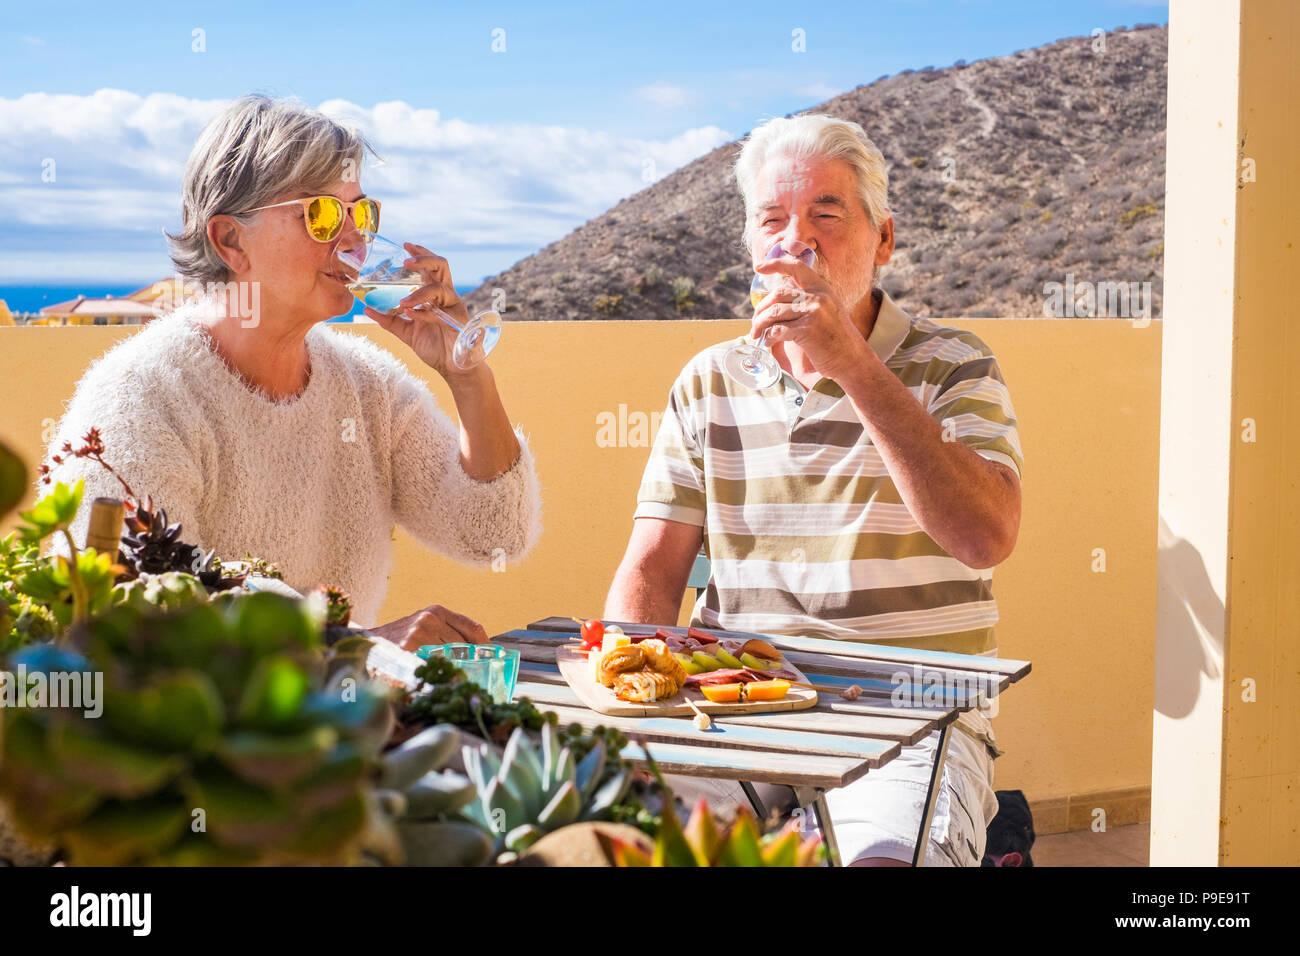 Nettes Paar der pensionierten Erwachsener übernachten gemeinsam auf dem roofto pterrace Essen und Trinken Essen und Trinken. glückliches Lächeln die Menschen draußen in der großen lifestyl Stockbild